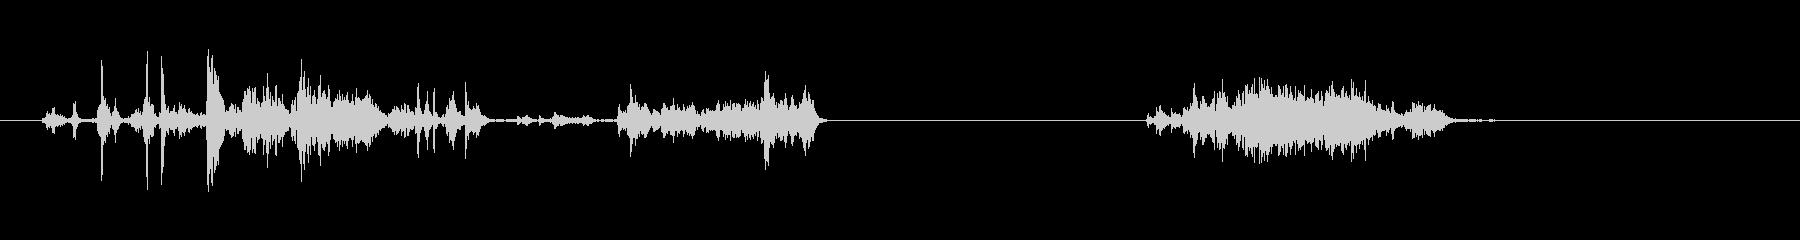 スクレープ、ストーンスライドヘビー...の未再生の波形